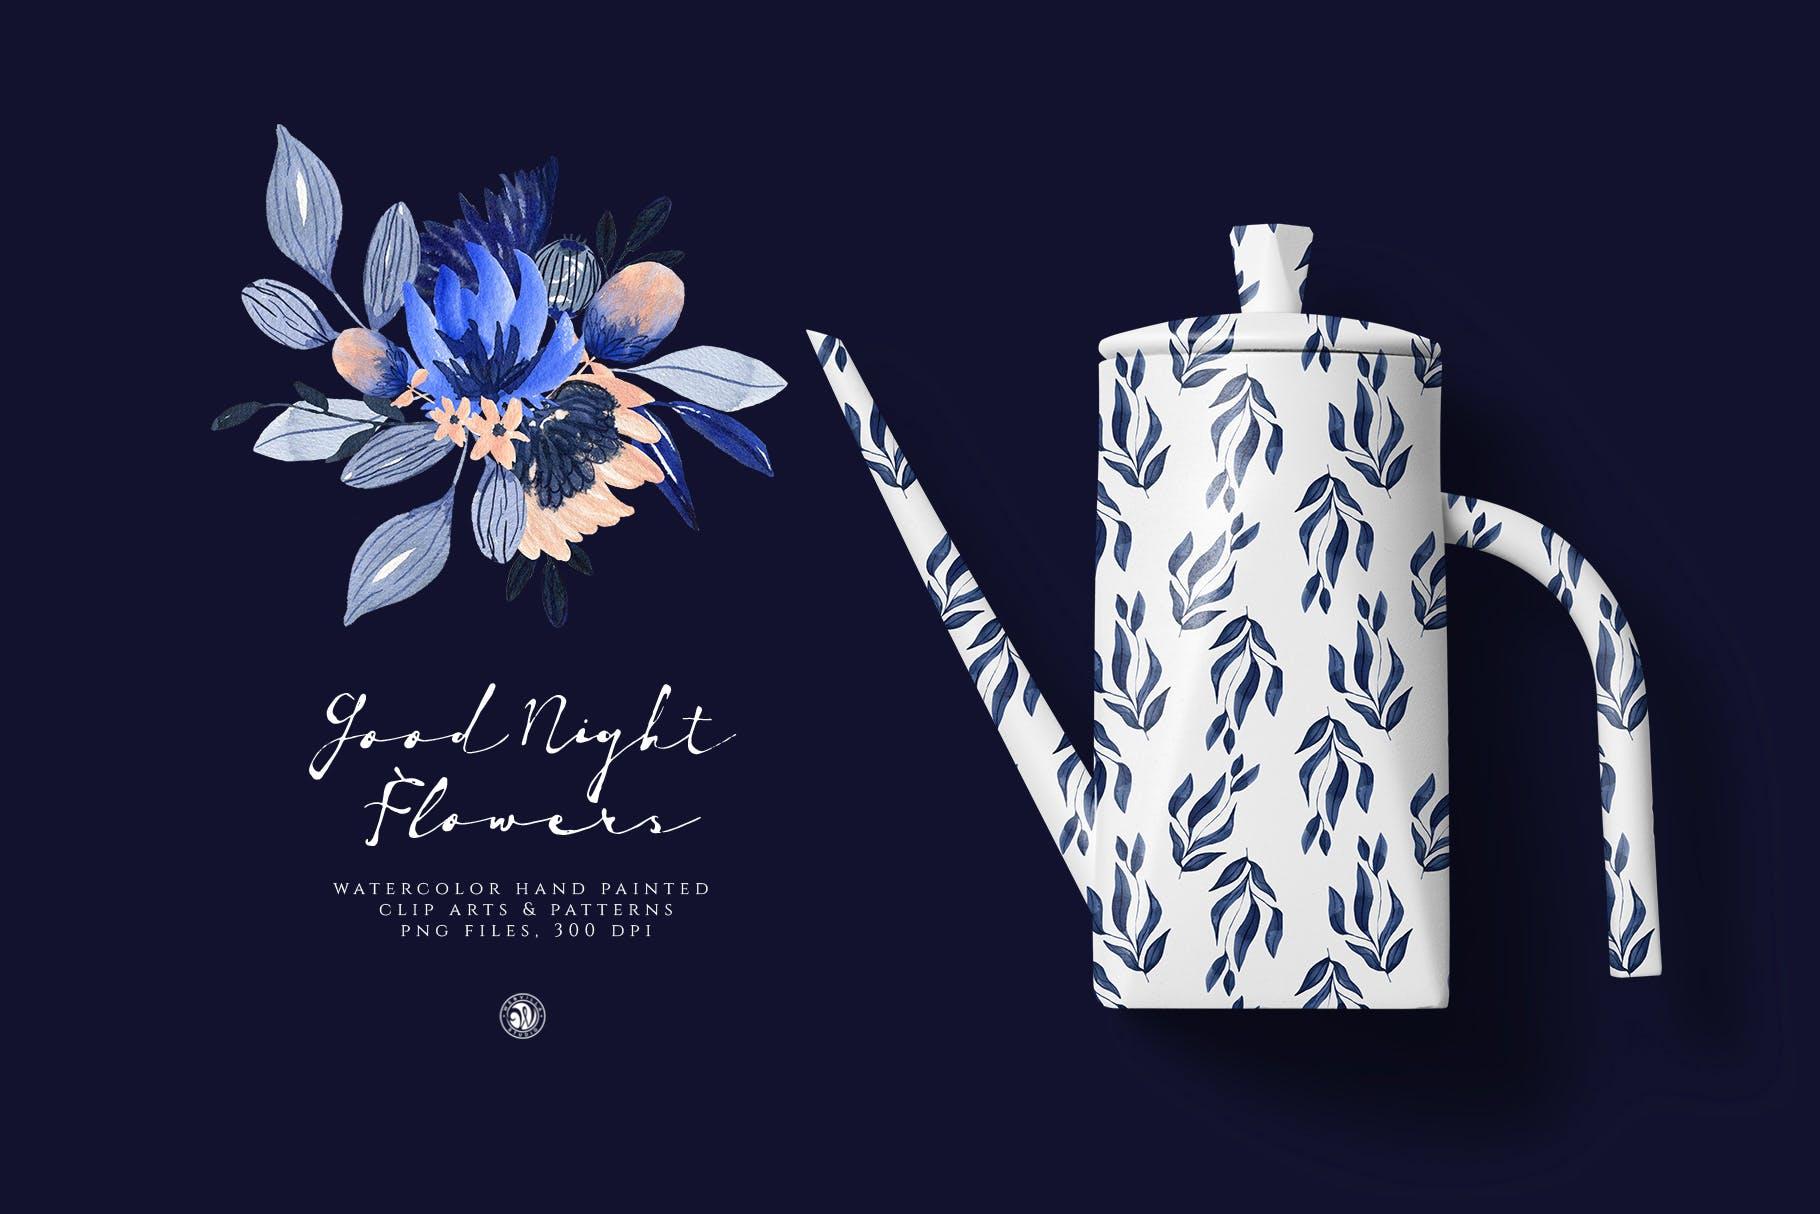 暗夜水彩画花卉手绘水彩画剪贴艺术图案/纹理素材Good Night Flowers插图(3)